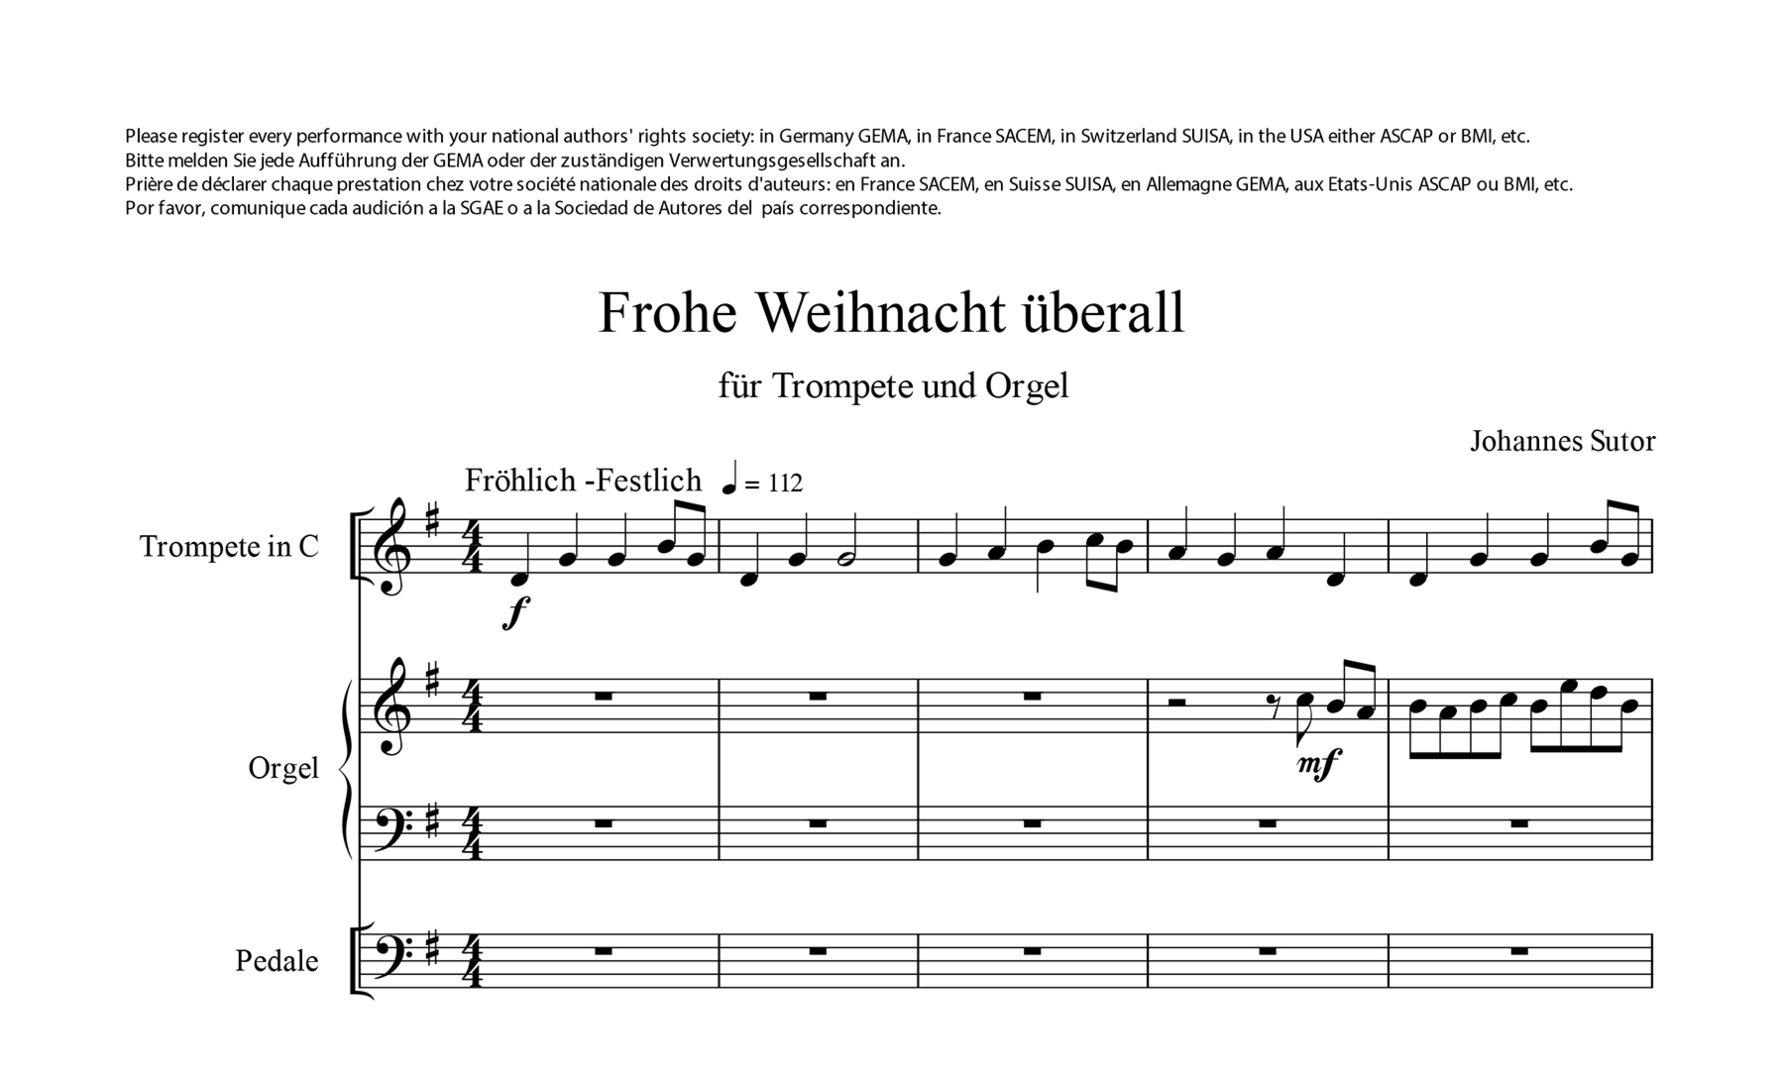 Frohe Weihnachten überall.Sutor Johannes 1939 Frohe Weihnacht überall Für Trompete In B C Und Orgel